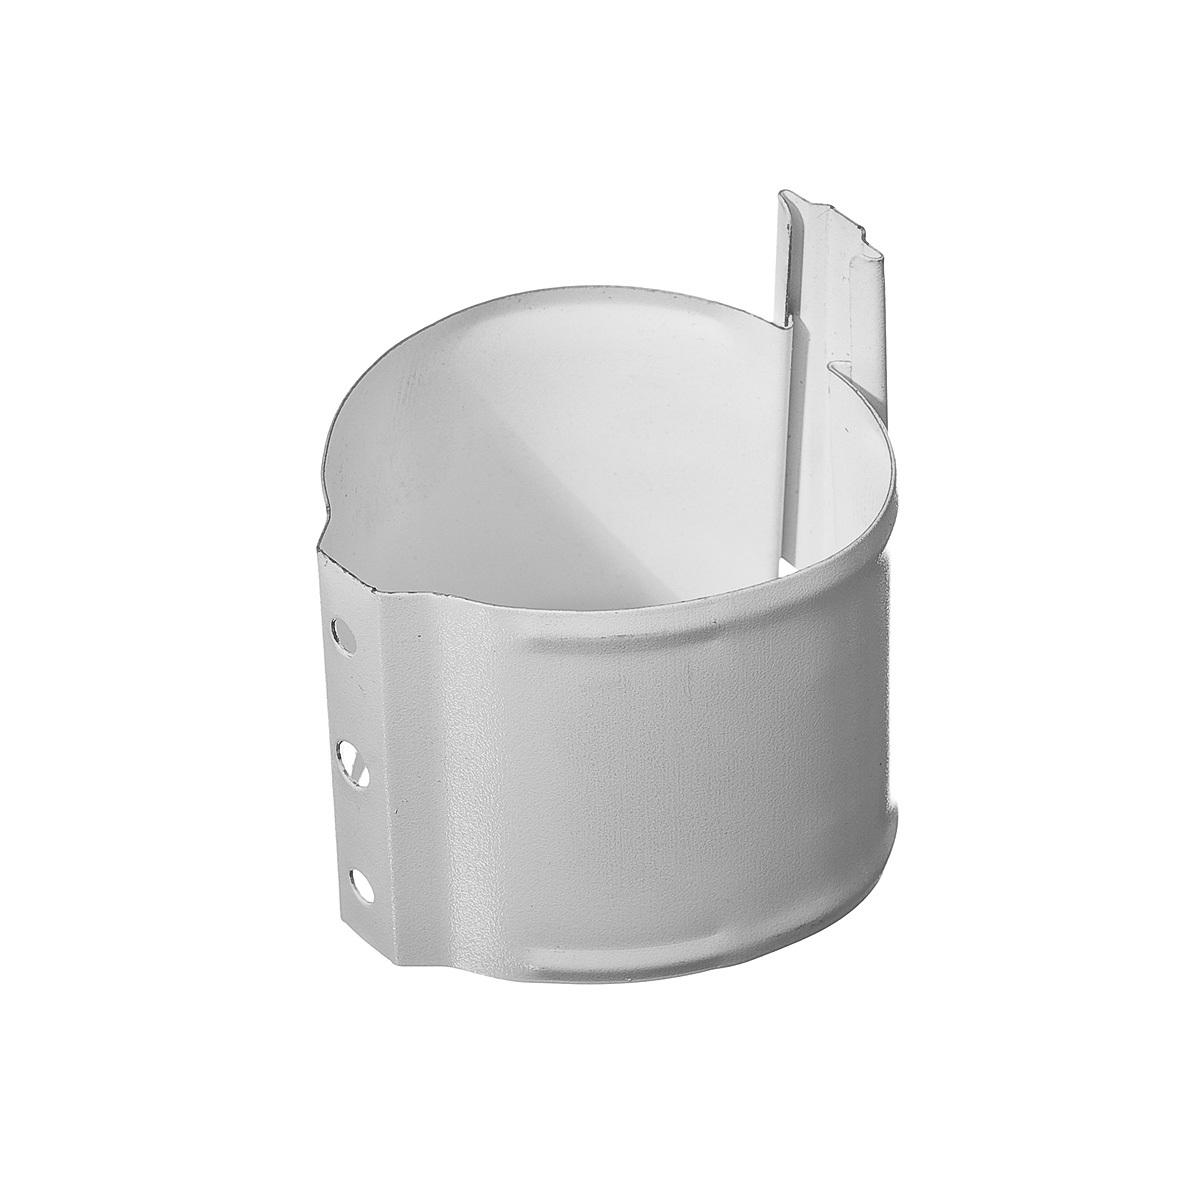 Белый Кронштейн трубы на кирпич ф90 (RAL 9003) Кронштейн_трубы_на_кирпич_ф90__RAL_9003_.JPG